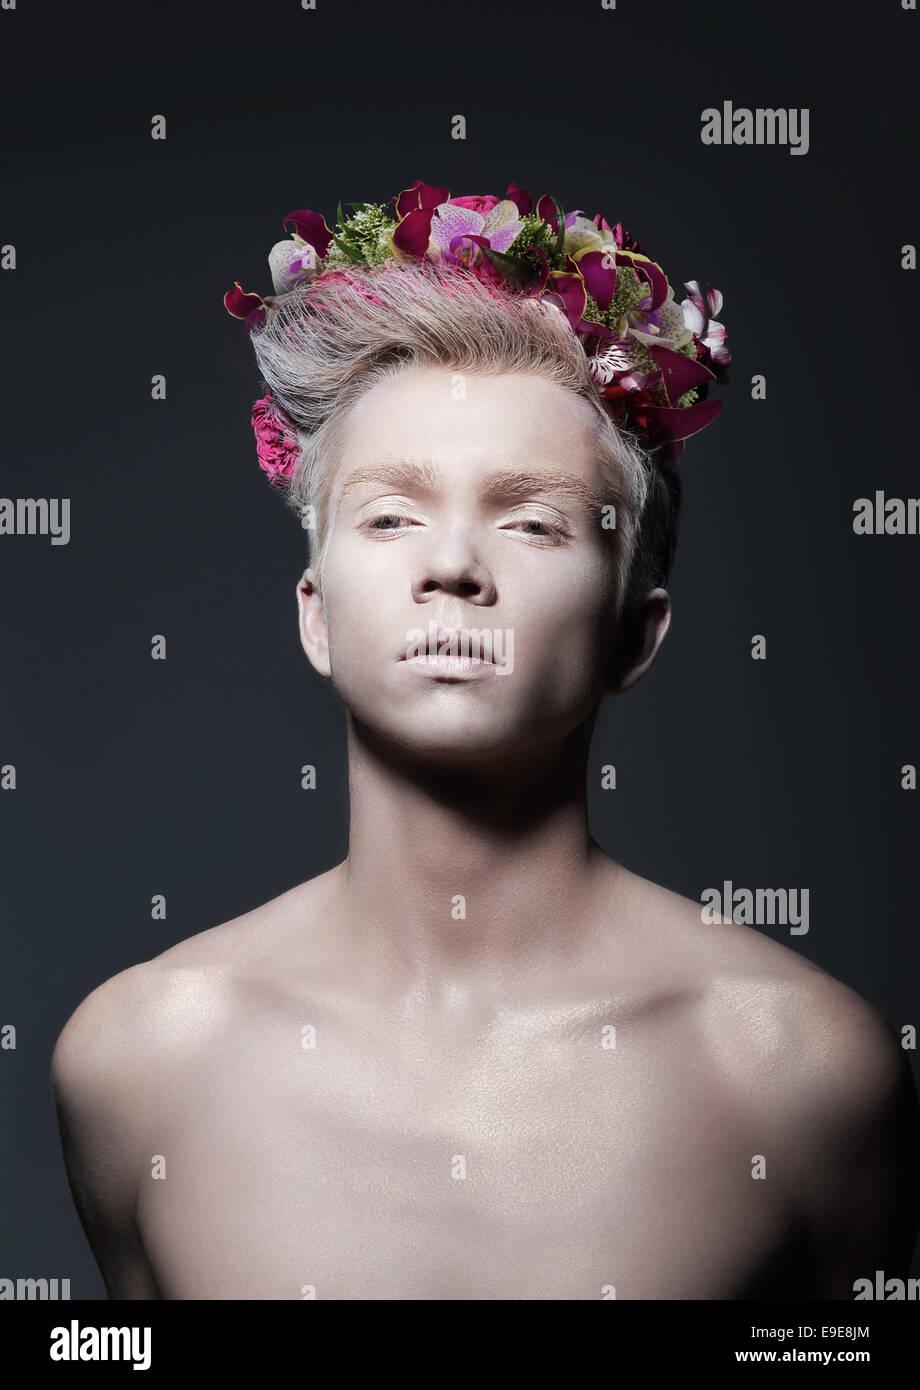 La belleza. Joven con corona de flores más gris Imagen De Stock